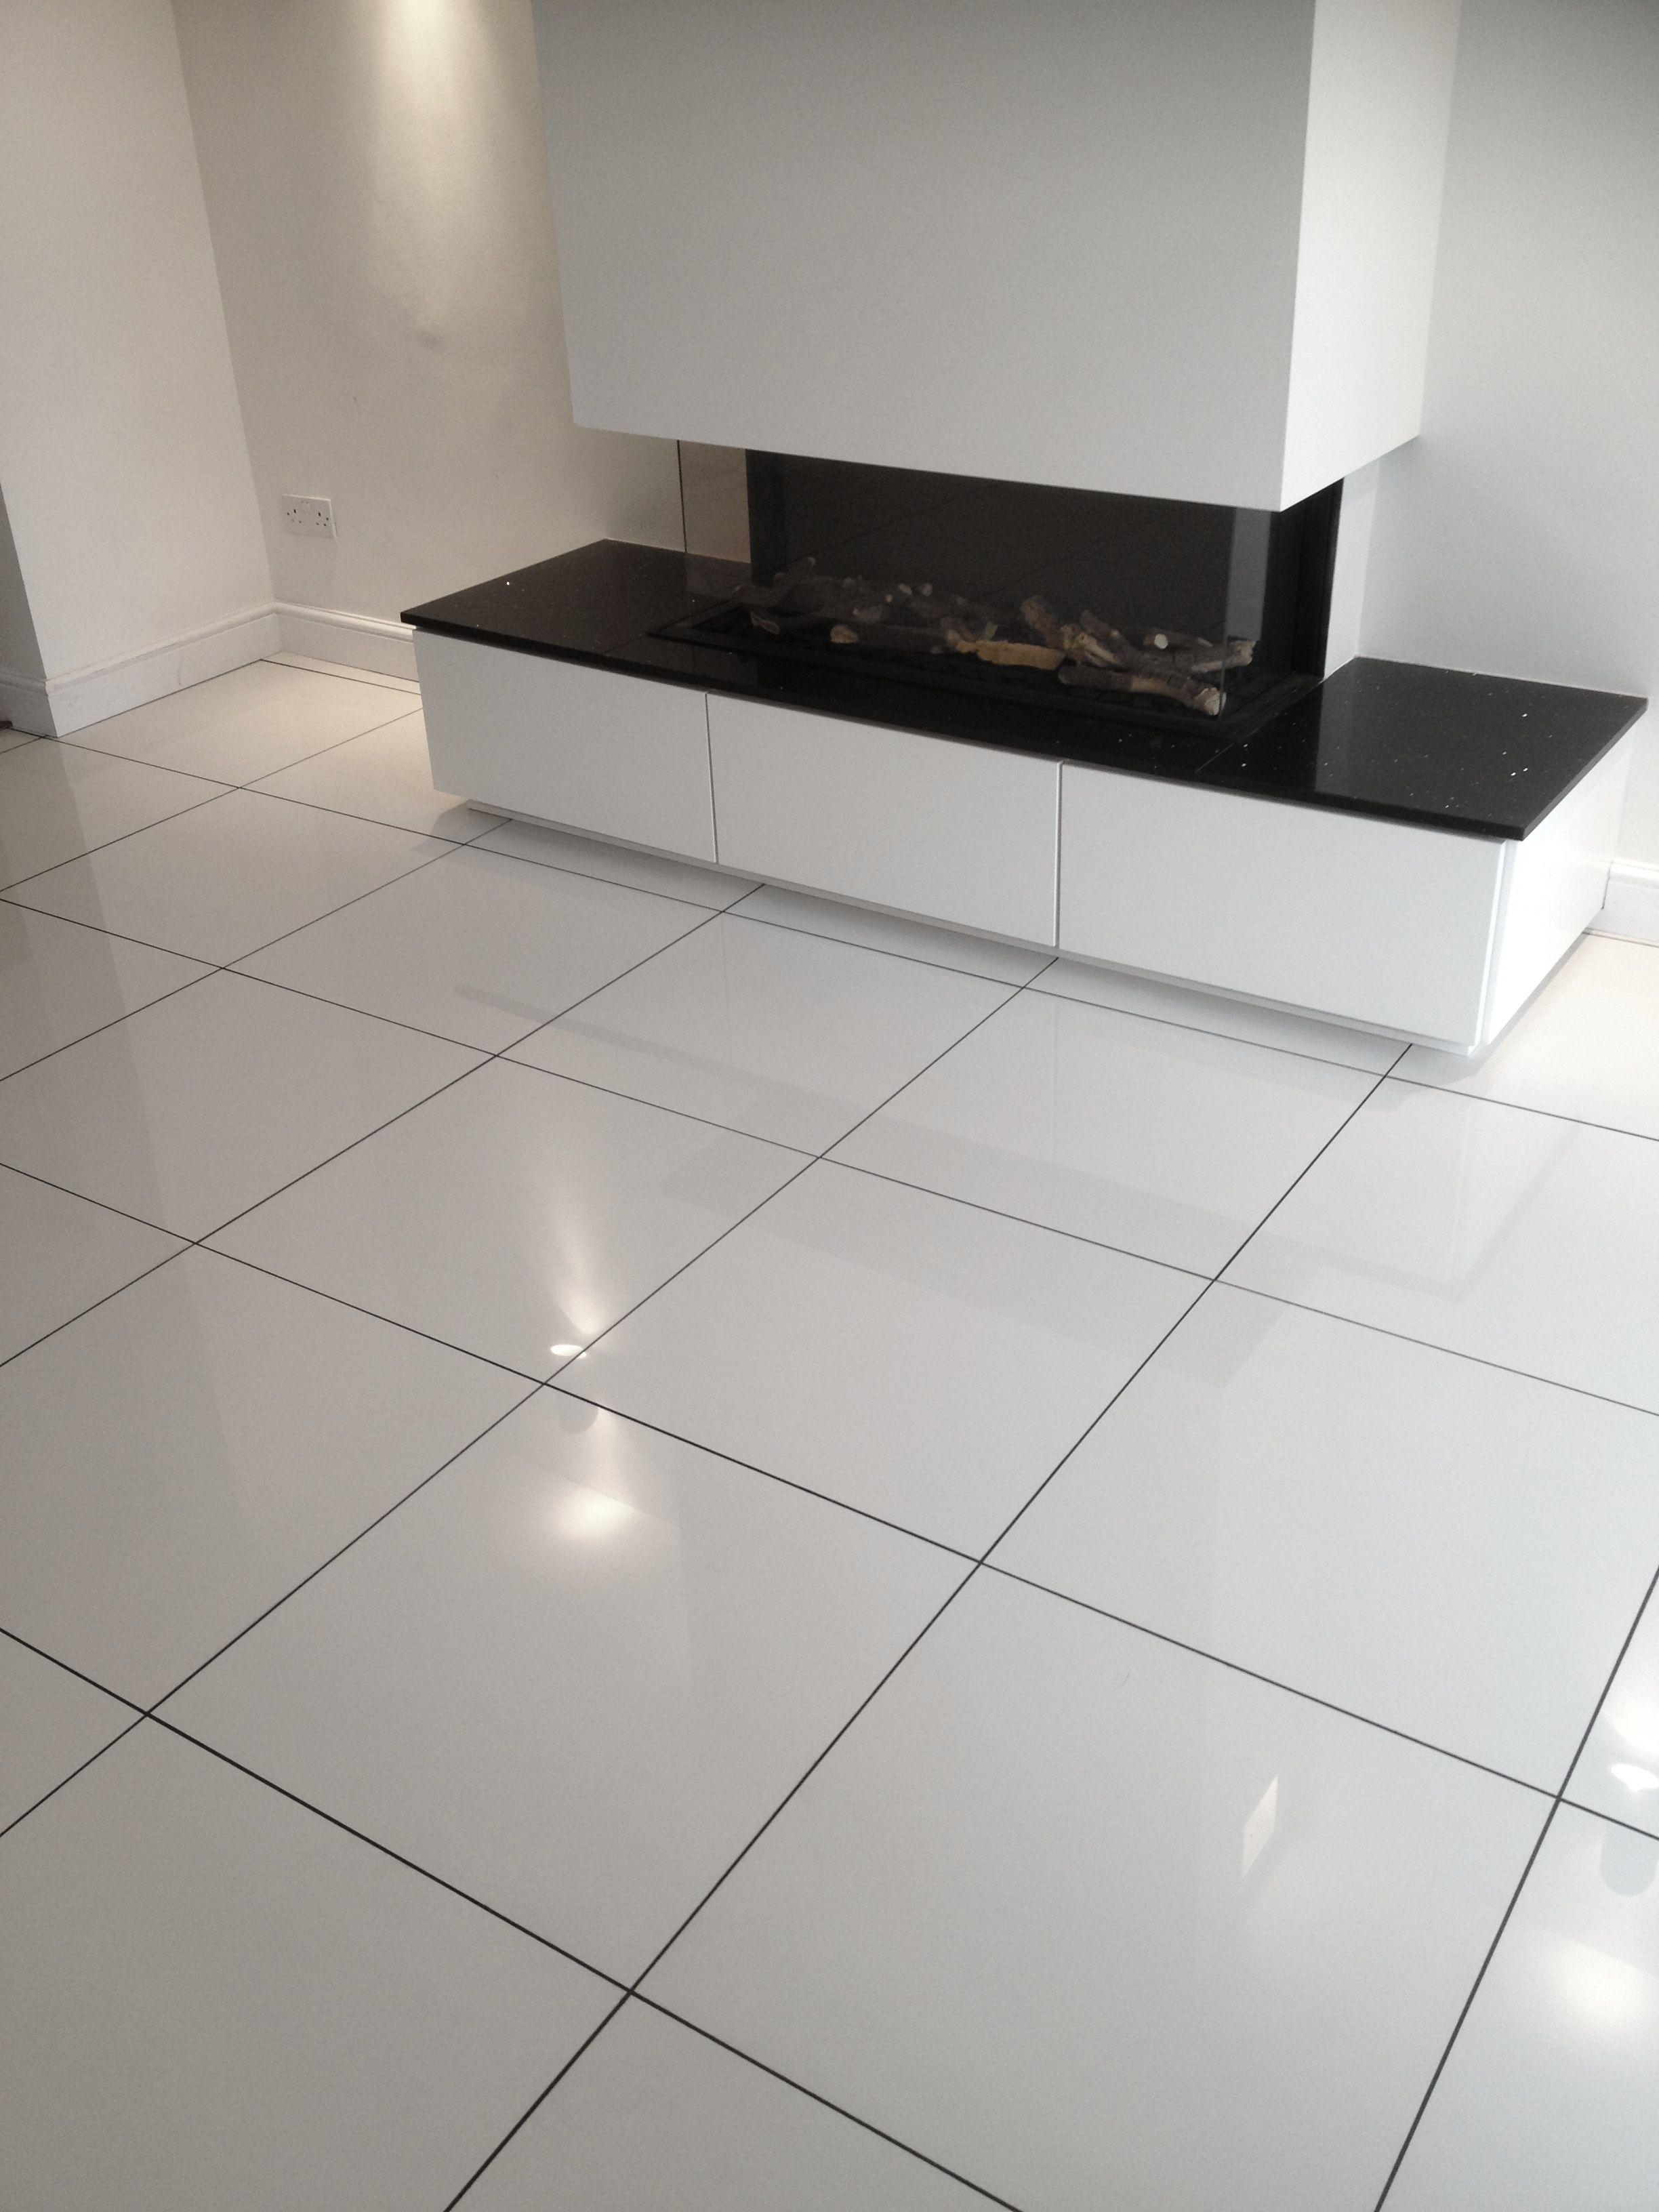 Gloss white floor tiles 600600 httpnextsoft21 pinterest gloss white floor tiles 600600 dailygadgetfo Gallery